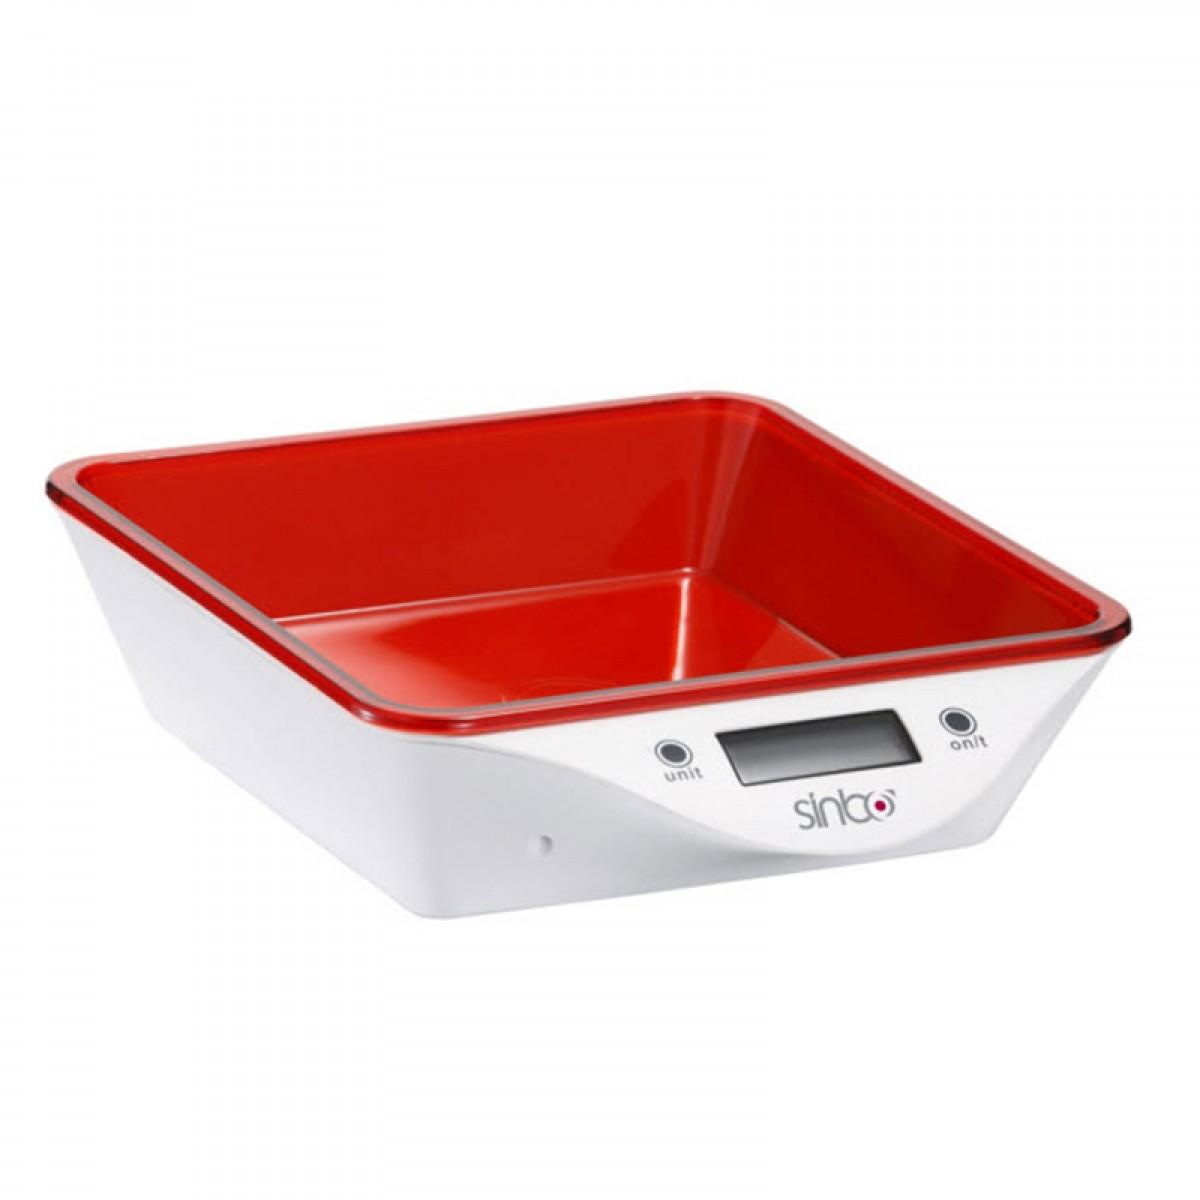 Ζυγαριά κουζίνας επαγγελματική ψηφιακή Sinbo SKS-4520 5kg